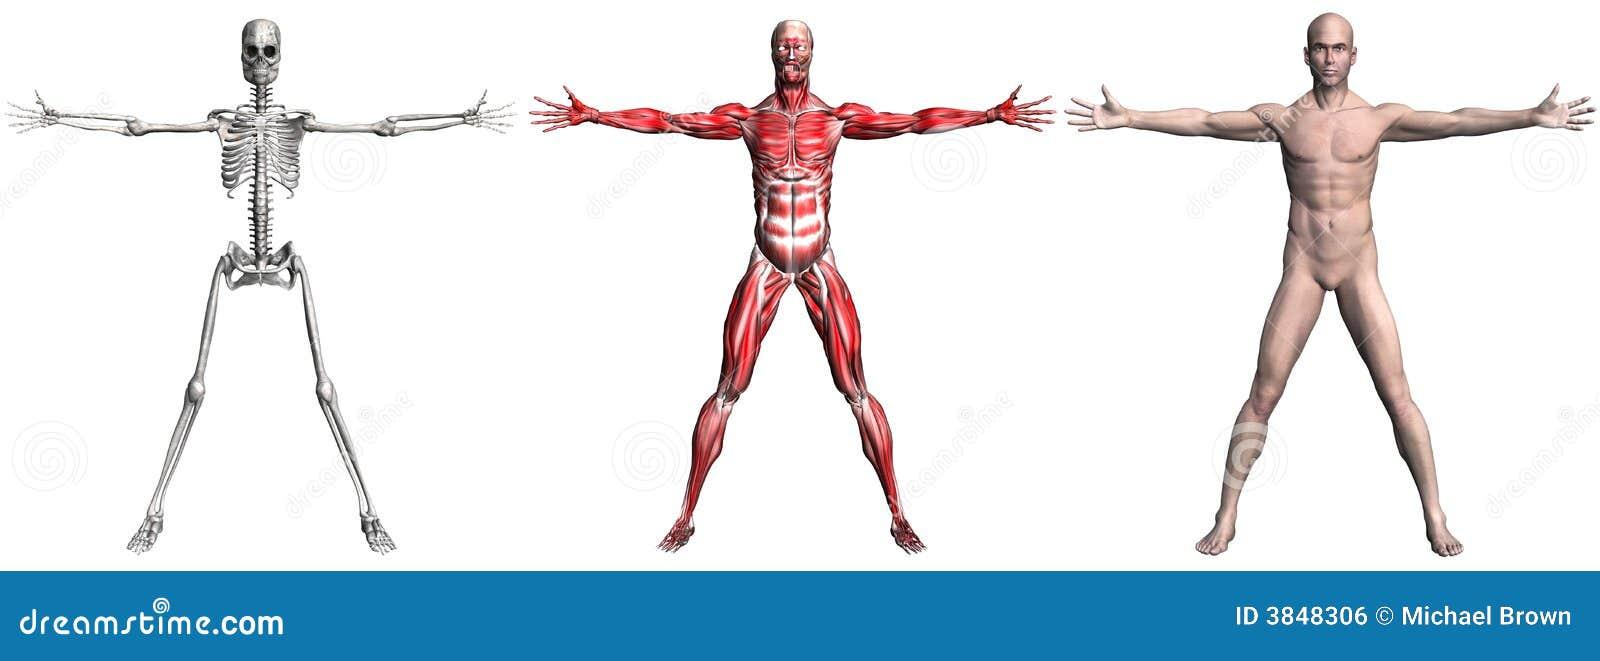 Increíble La Imagen Del Esqueleto Humano Con Los Músculos Bosquejo ...